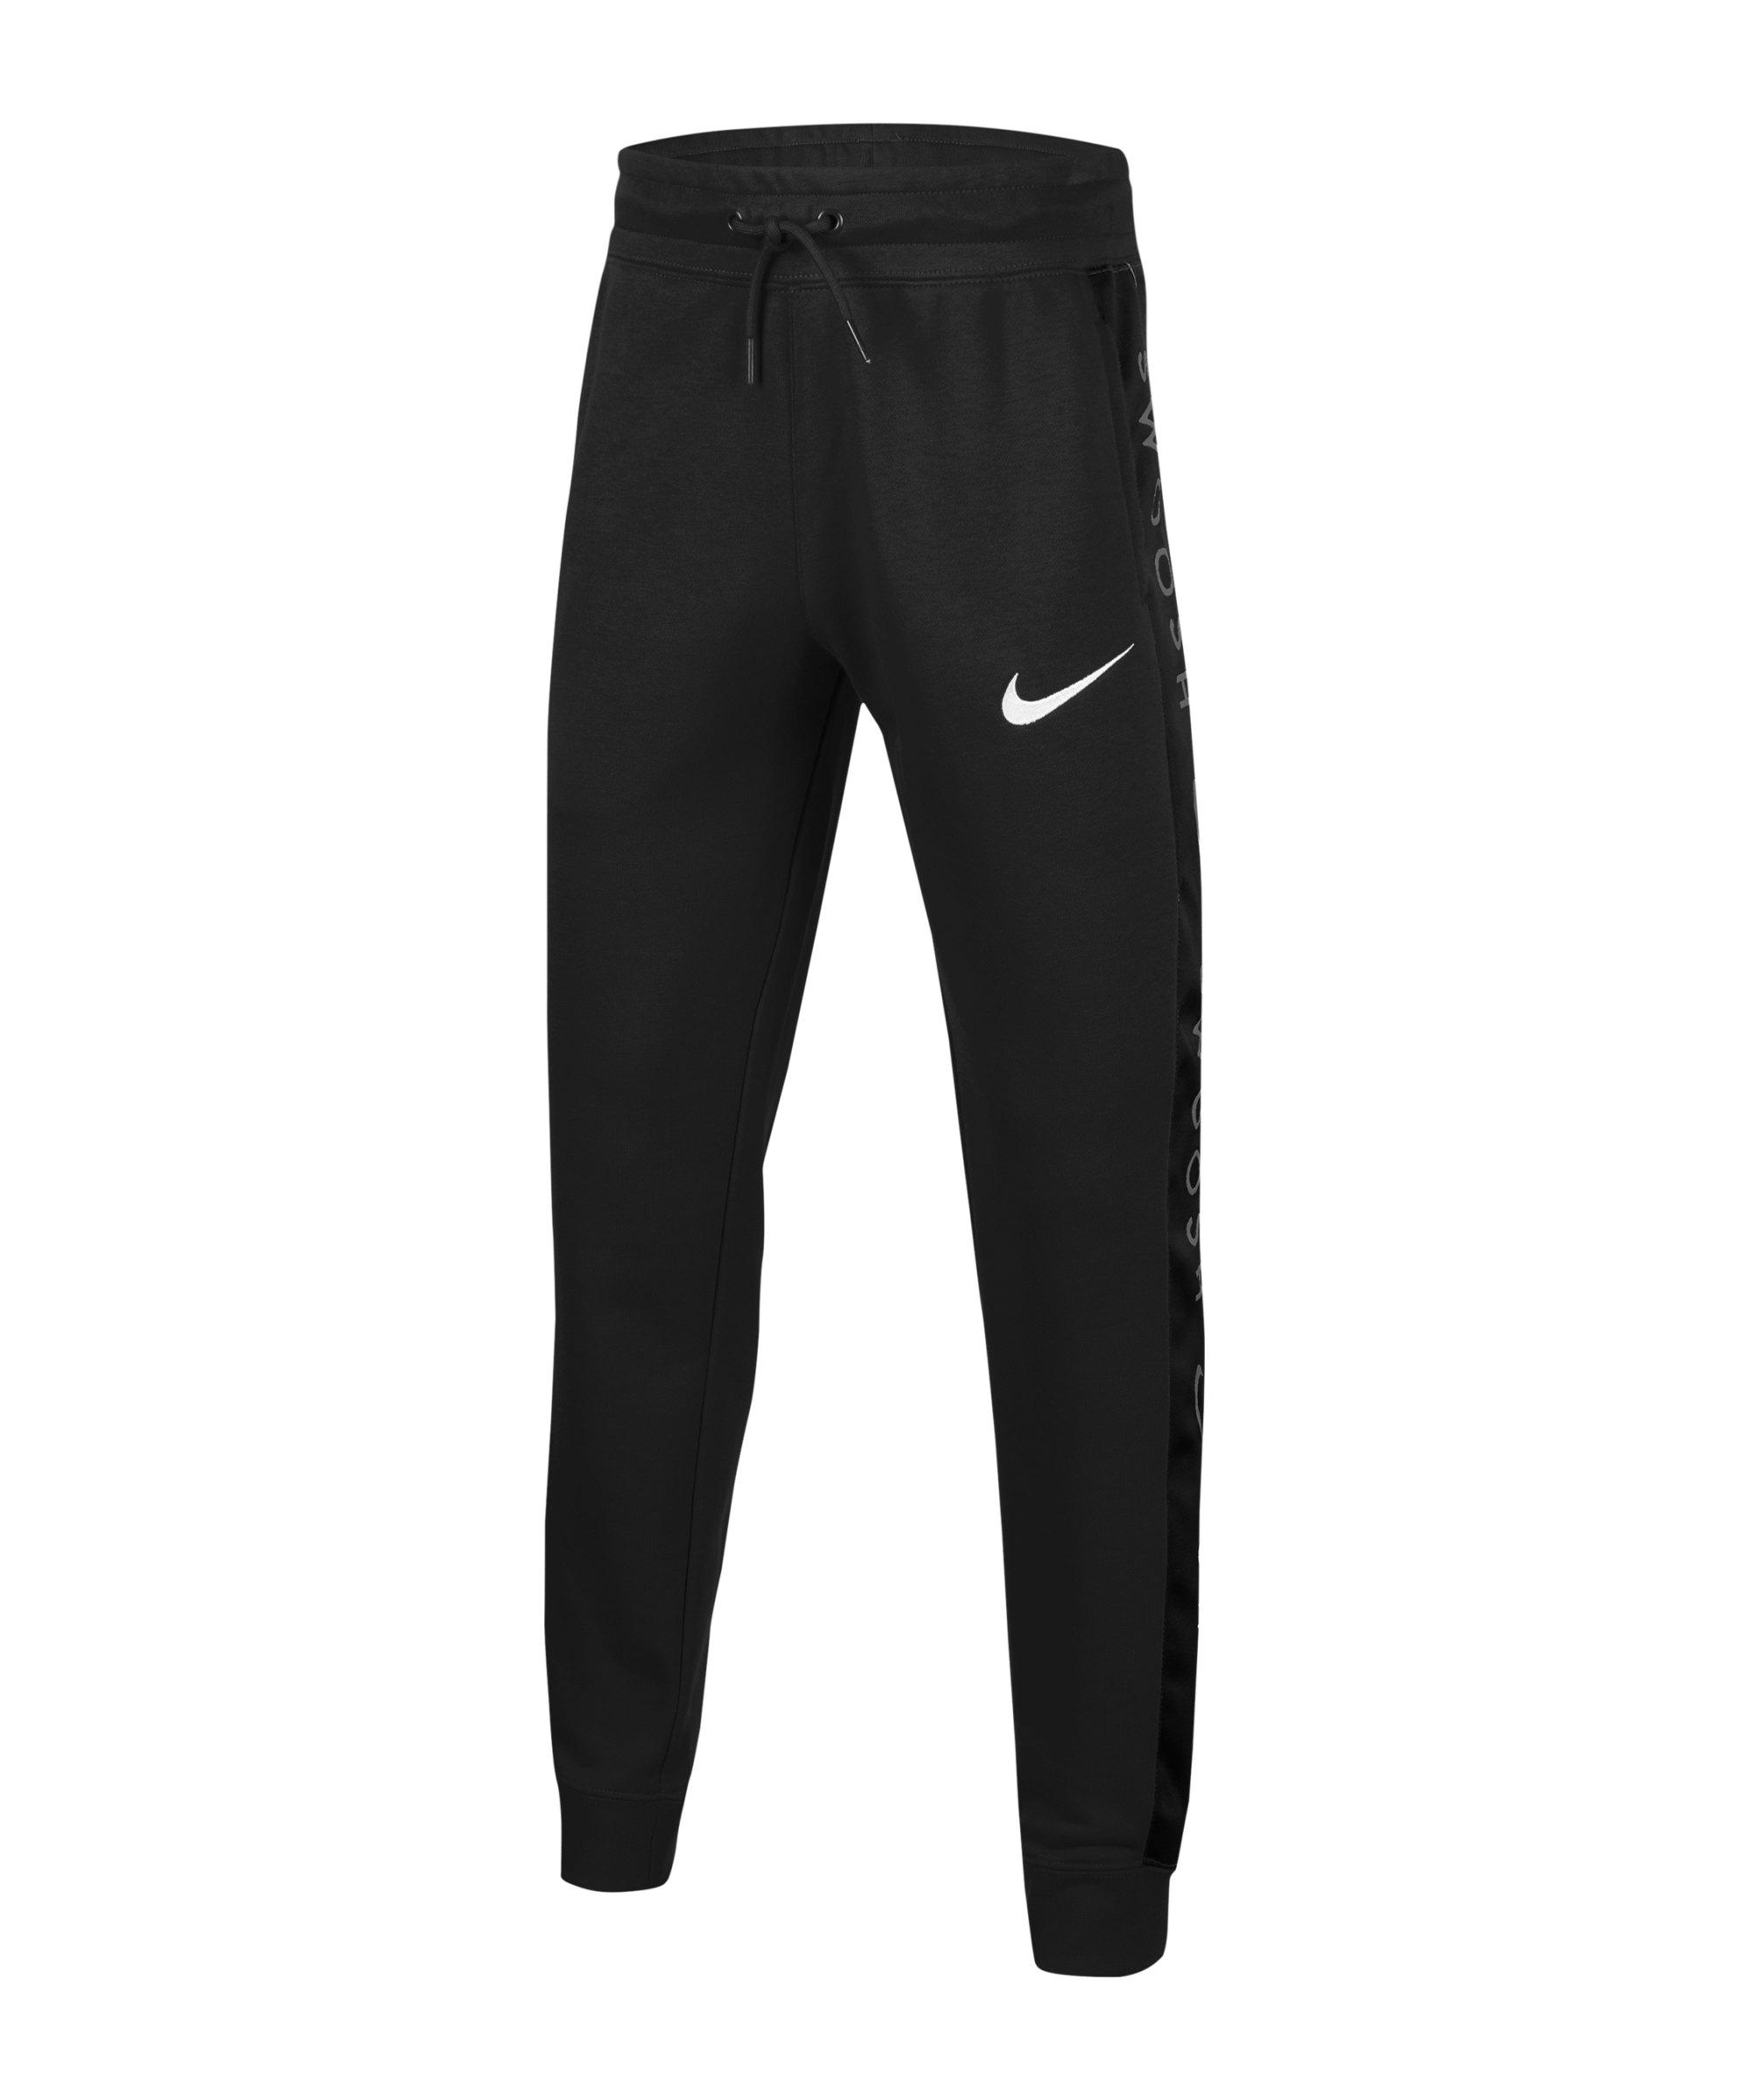 Nike Swoosh Jogginghose Kids Schwarz F010 - schwarz